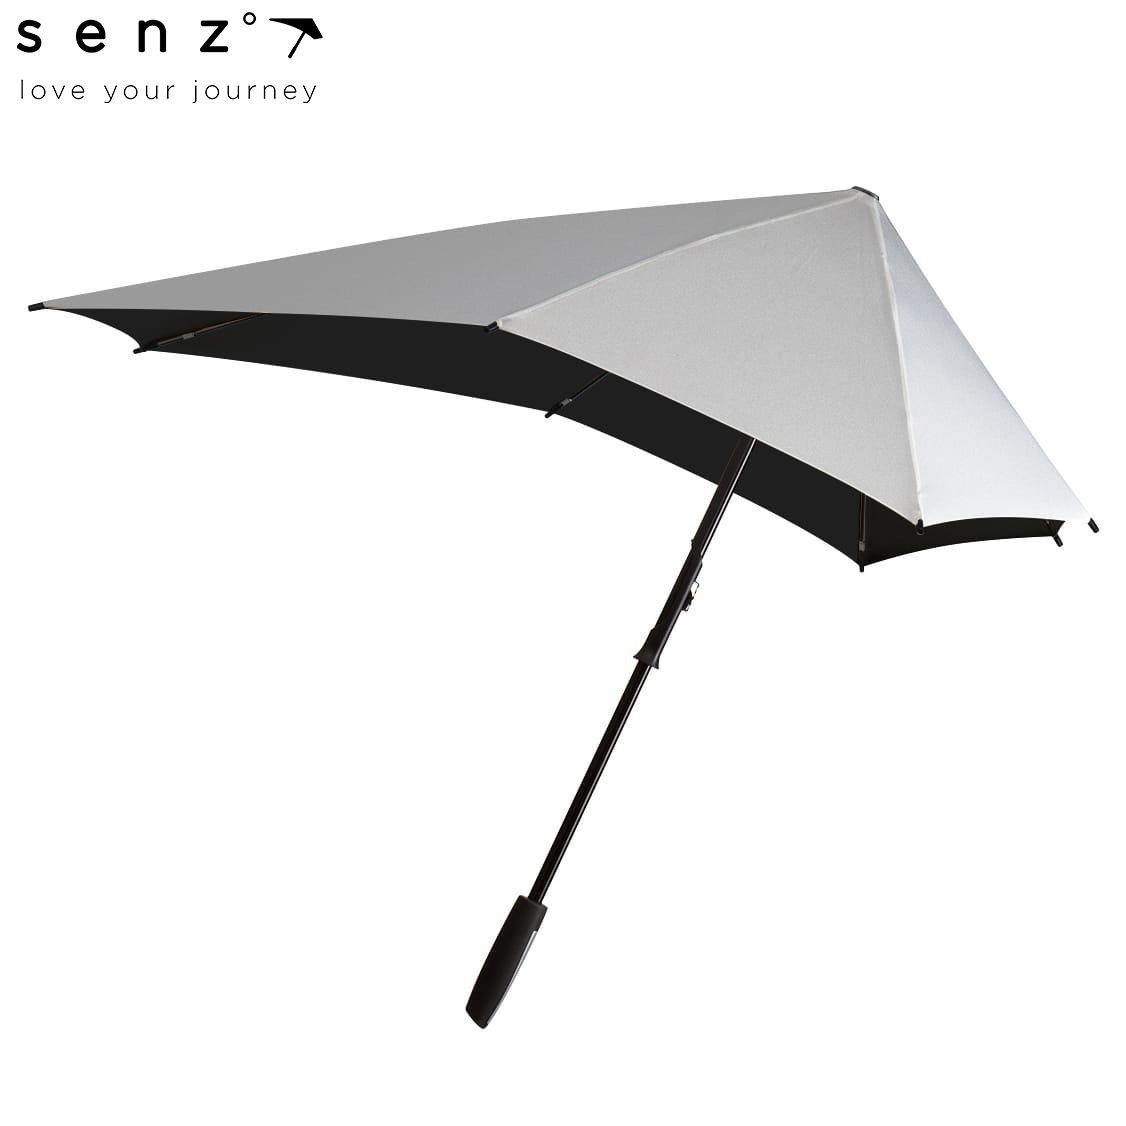 Afbeelding van 24 st. Paraplu bedrukken Senz Smart XL Stormparaplu In 7 werkdagen